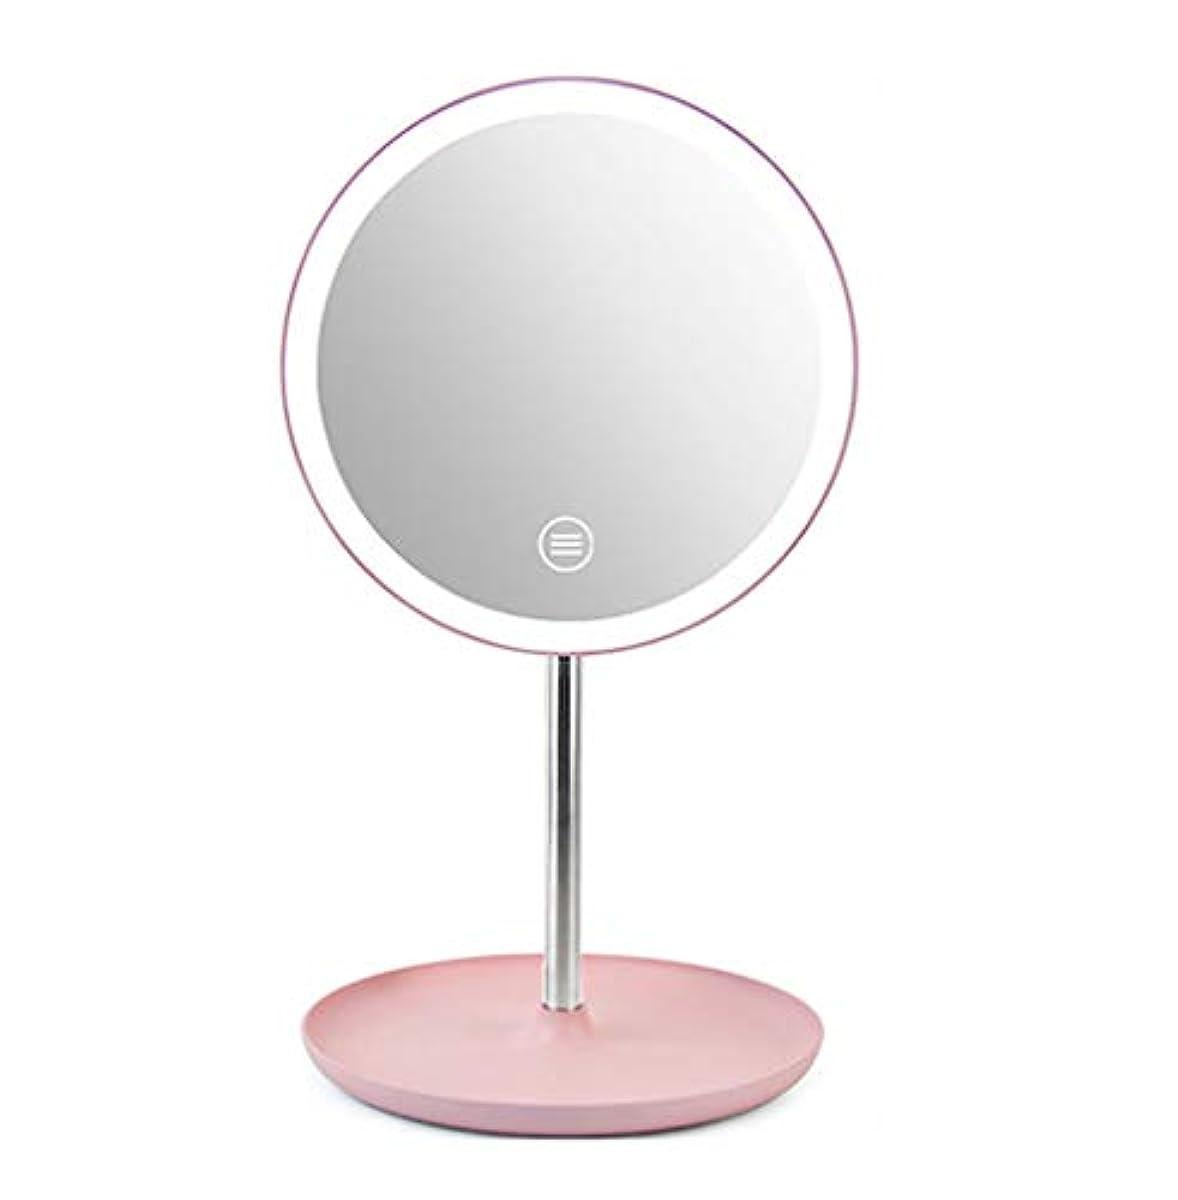 薬局官僚振り向くLED化粧鏡コンパクト、スタンド付き化粧鏡LEDライト付き照明付きバニティミラー調光可能なタッチスクリーン卓上化粧鏡180°回転USB充電